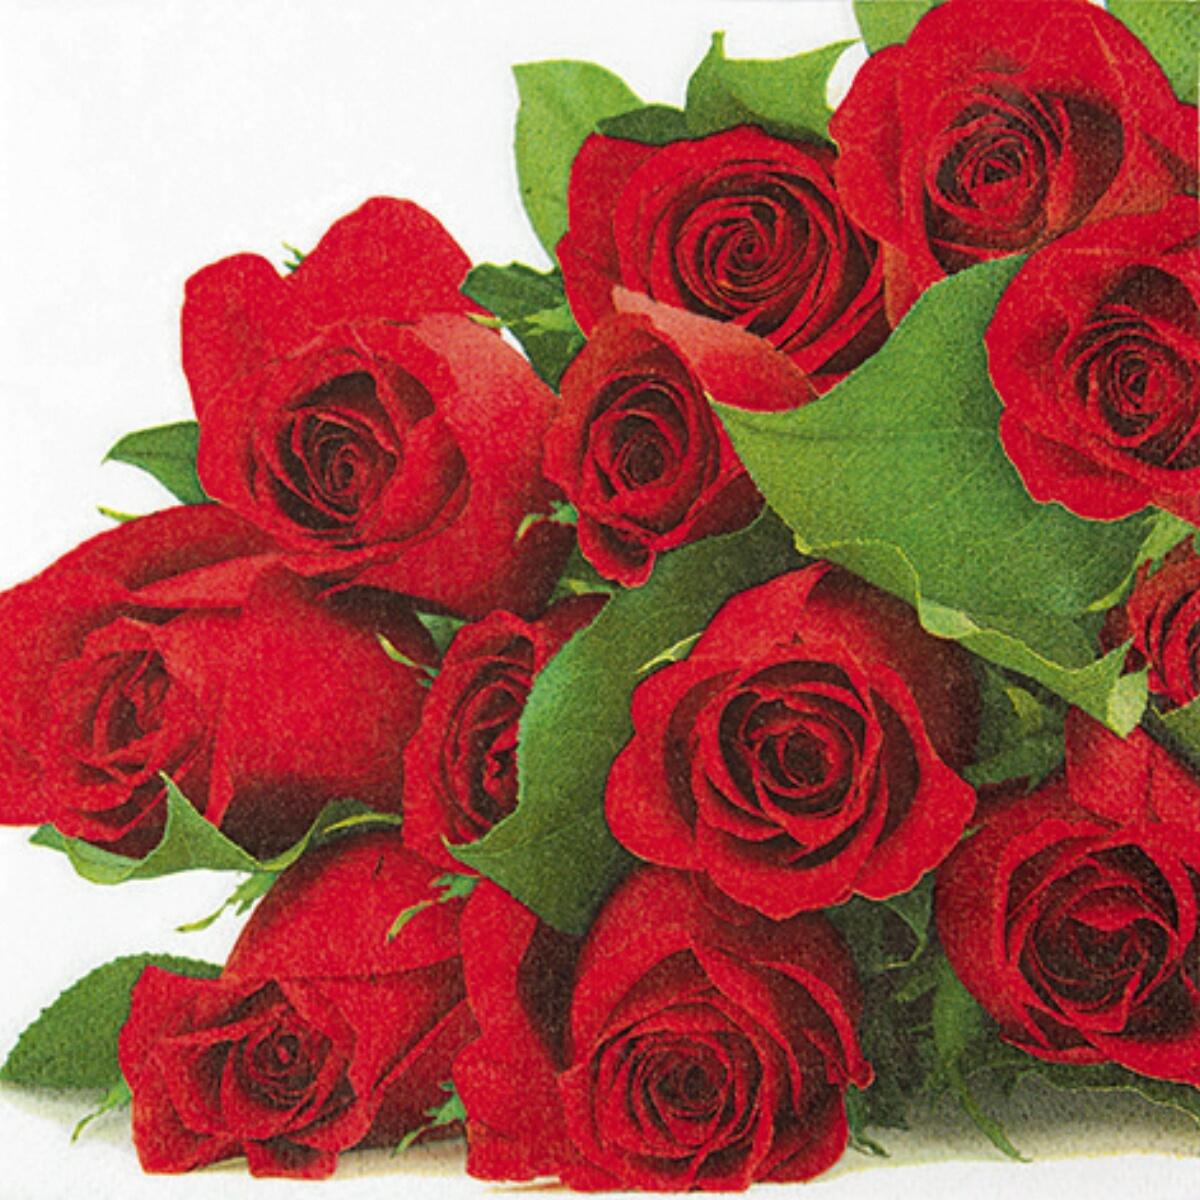 Servietten Pragung Geburtstag Rosen Blumenstrauss 20 Stuck 3 Lagig